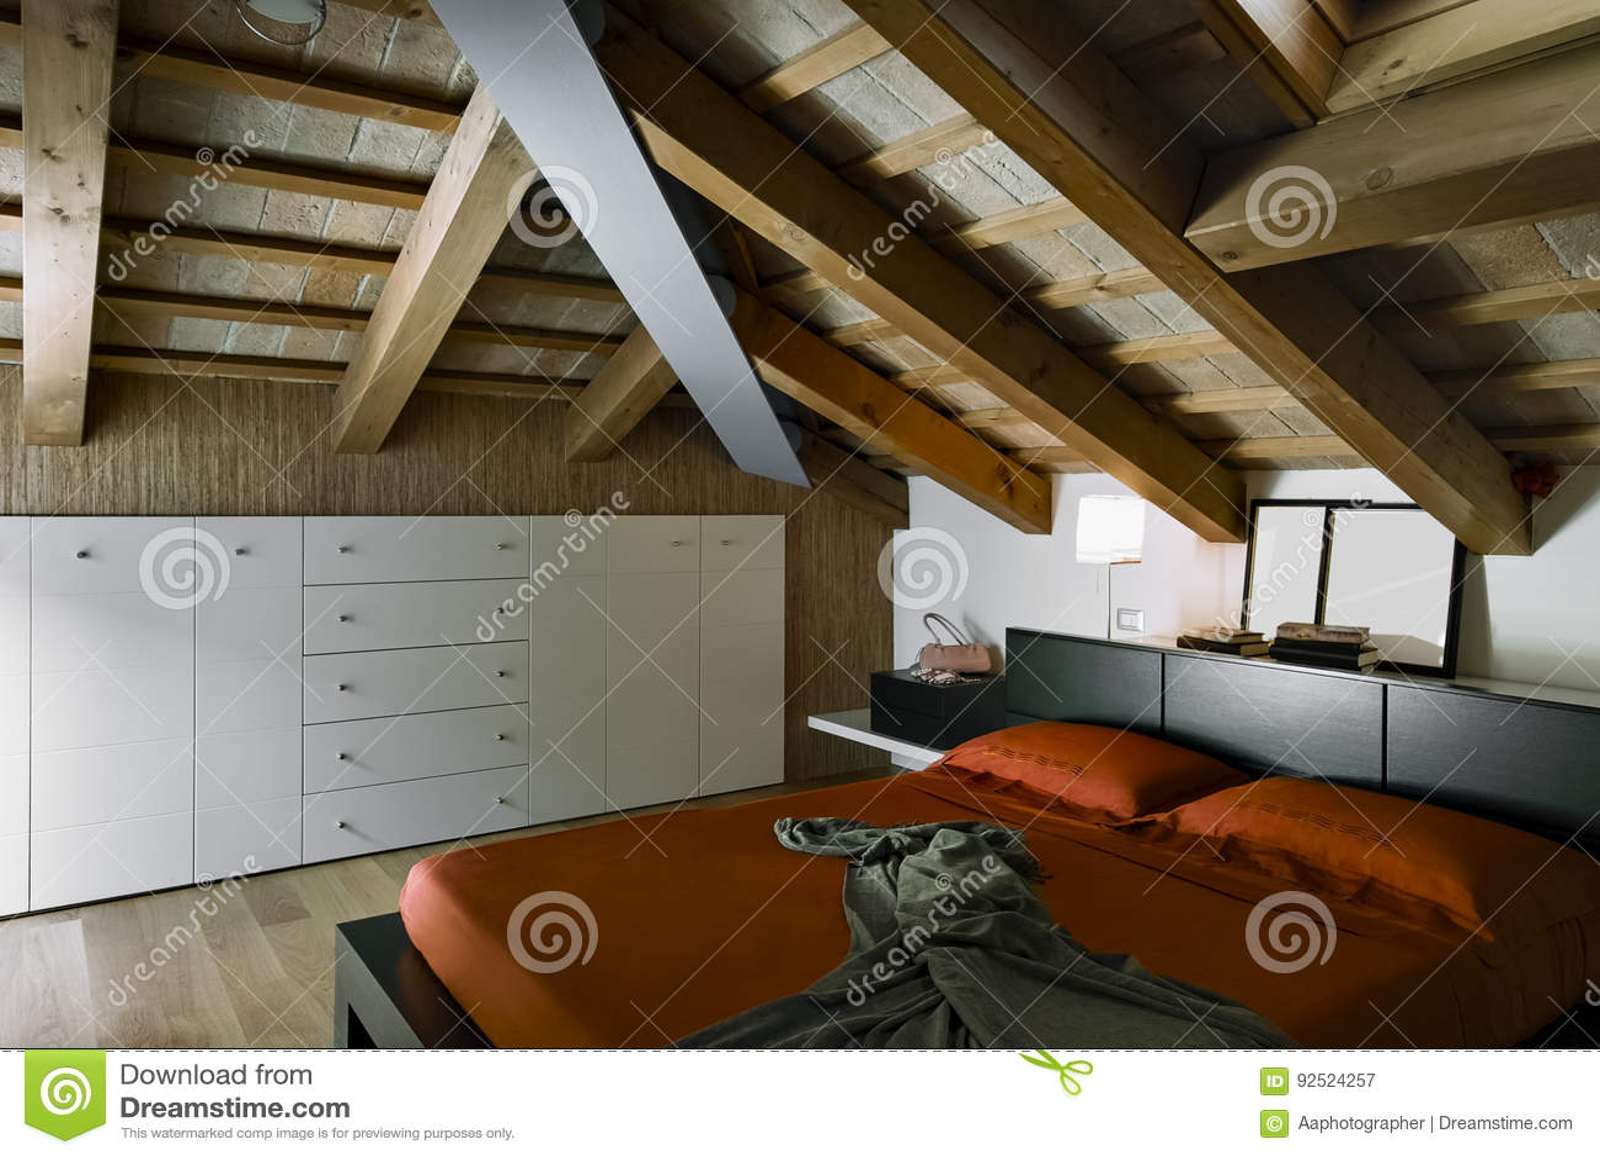 Vista interna di una camera da letto moderna nella stanza della soffitta immagine stock - Stanza da letto moderna prezzi ...